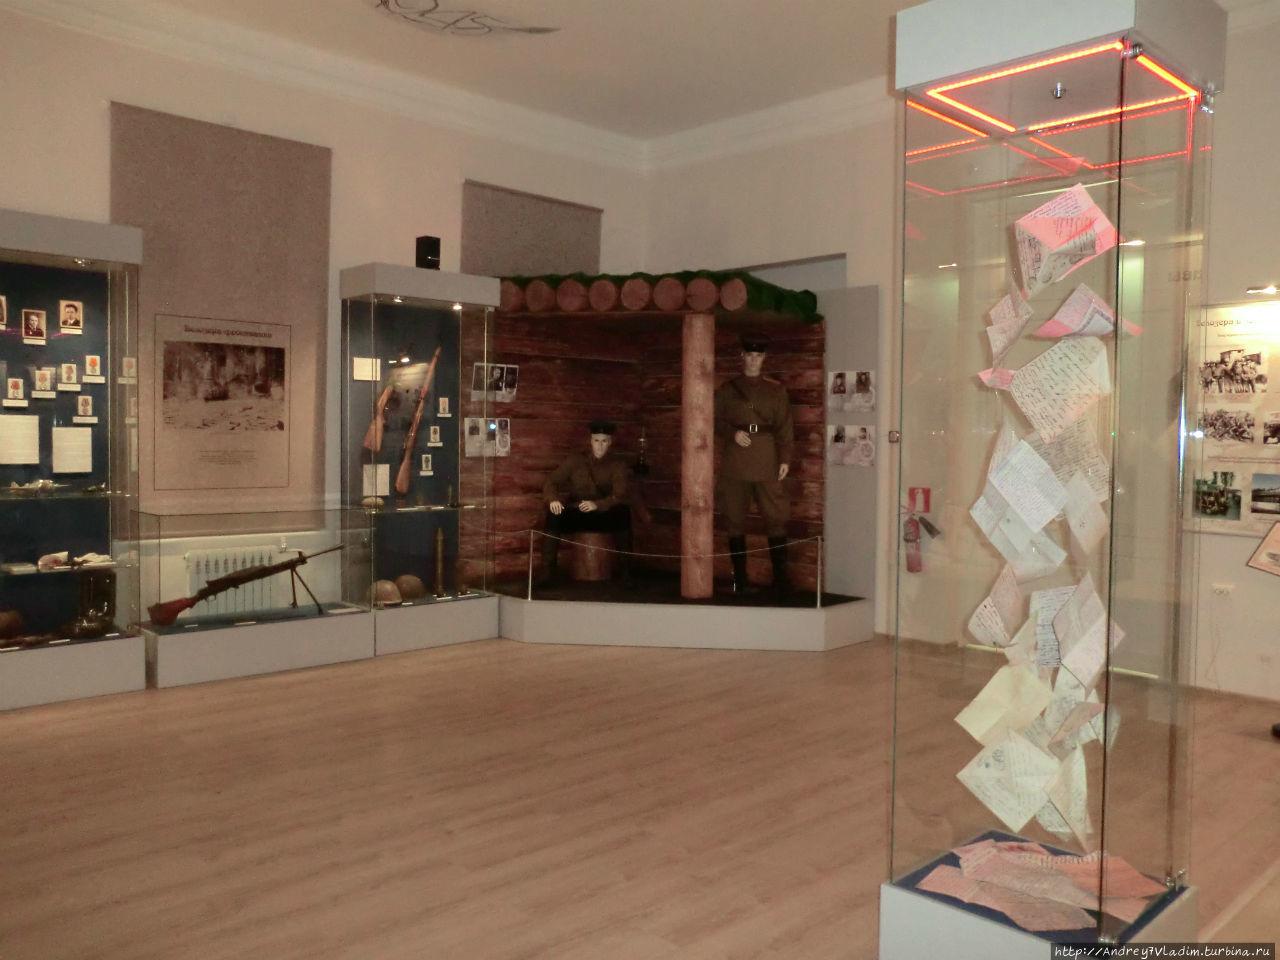 Зал воинской славы. Центральная витрина, в которой кружаться копии писем с фронта по стихотворения С.Орлова